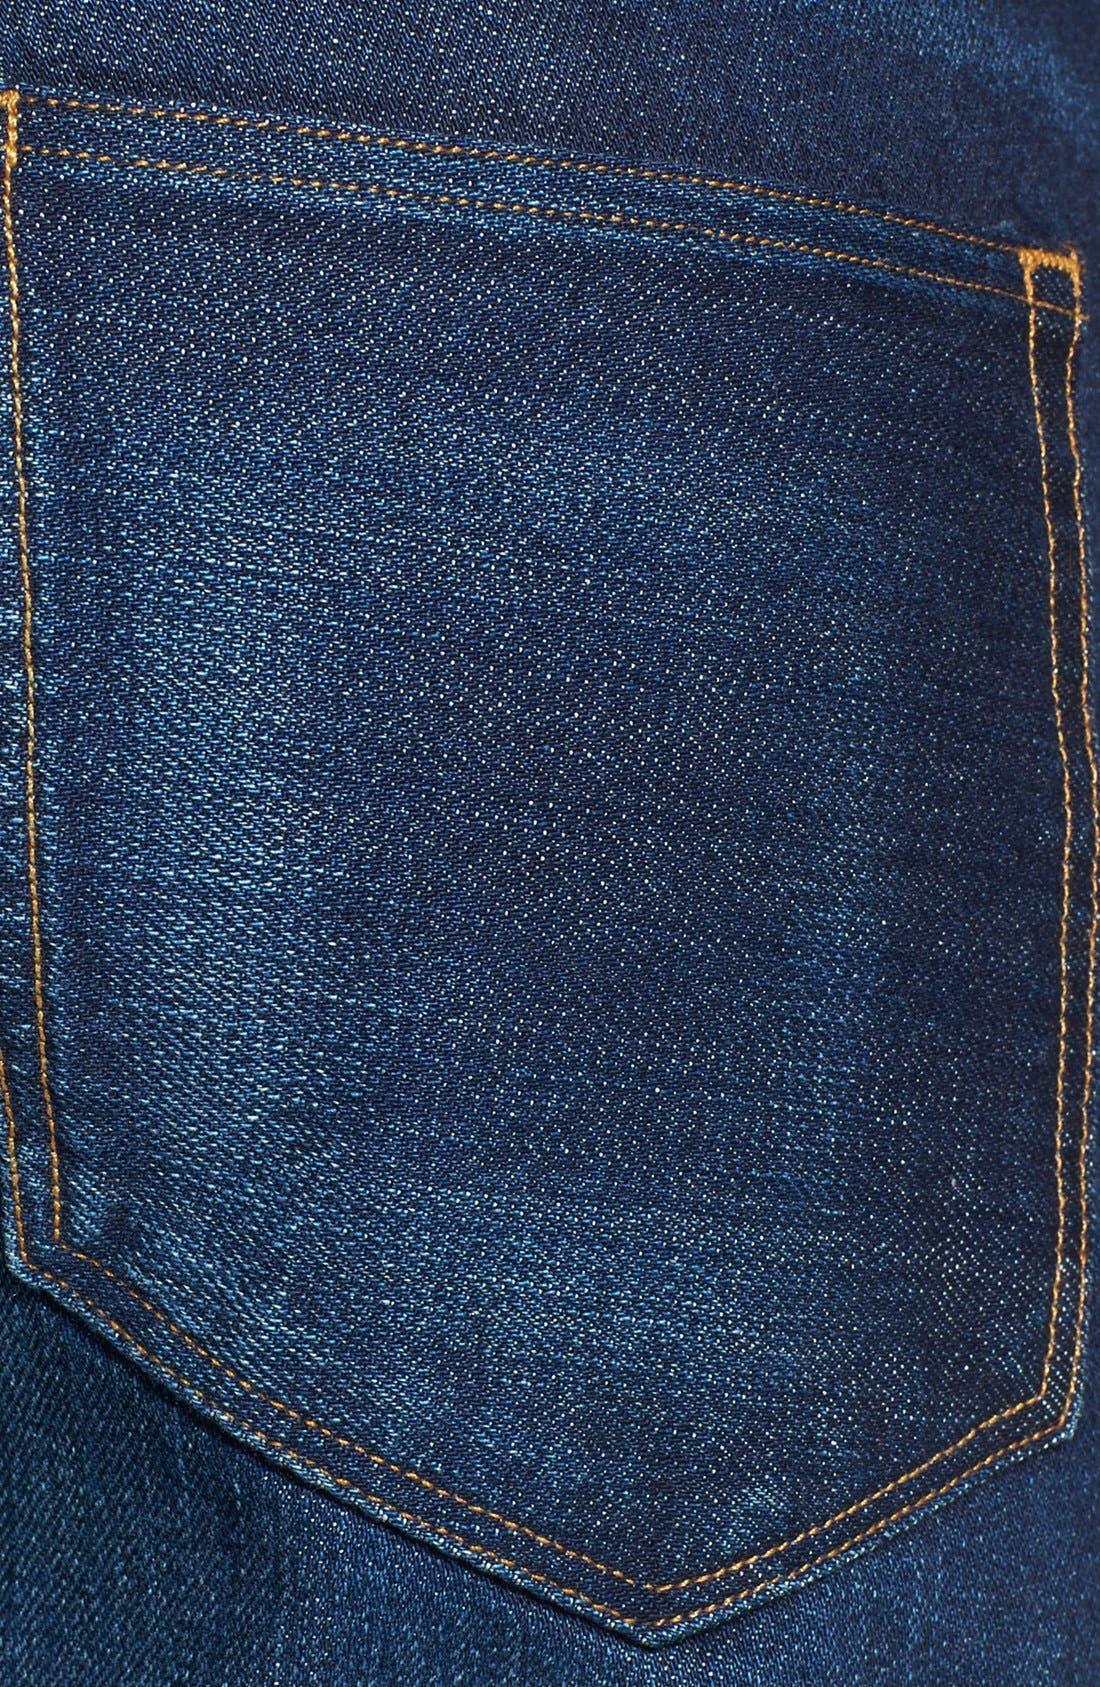 'M4' Straight Leg Selvedge Jeans,                             Alternate thumbnail 2, color,                             413